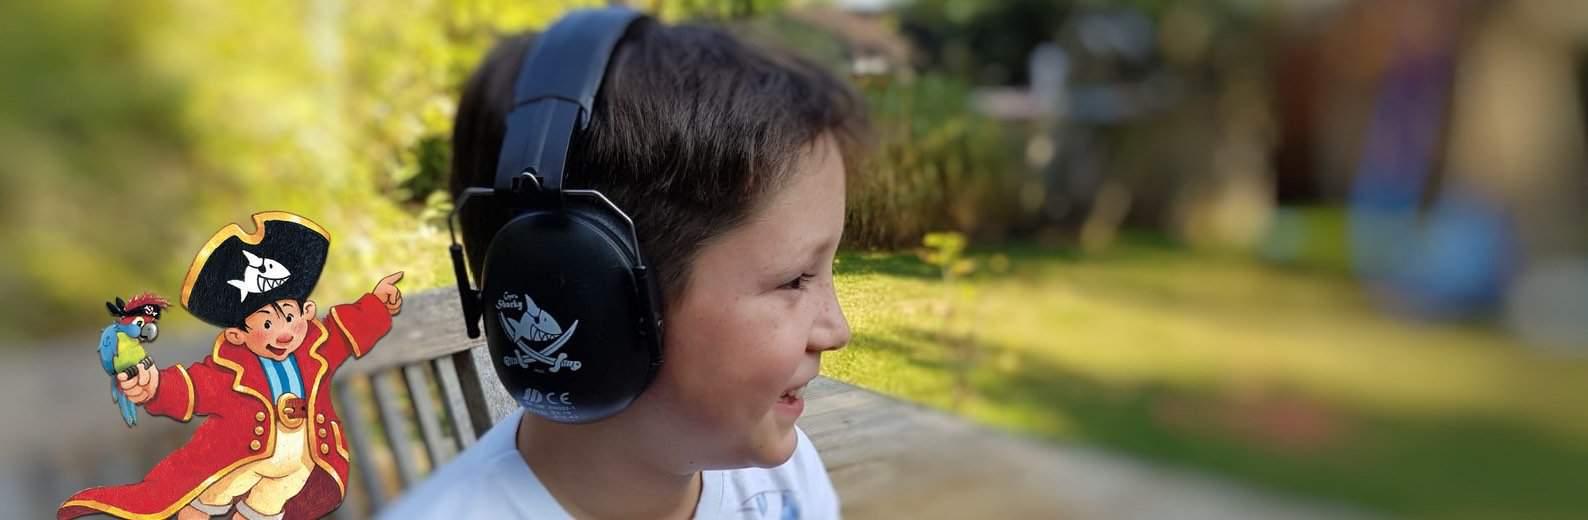 Kinder Gehörschutz Pirat Captn Sharky Junge seitlich mit Figur